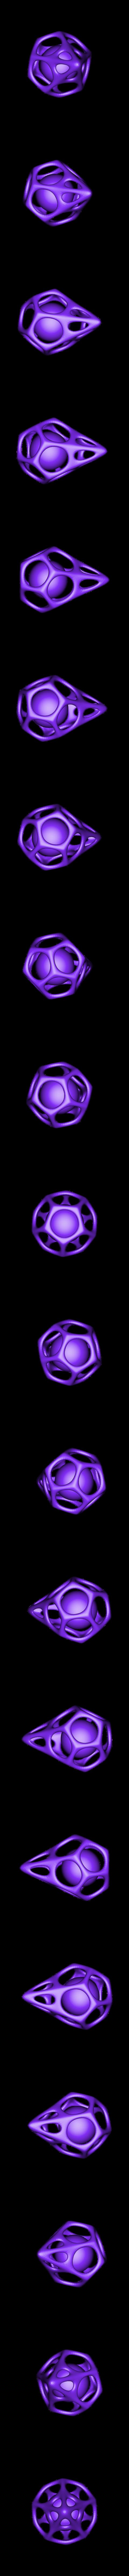 dodecahedron_2.stl Télécharger fichier STL gratuit Objet 3D 10 • Objet pour impression 3D, Wailroth3D